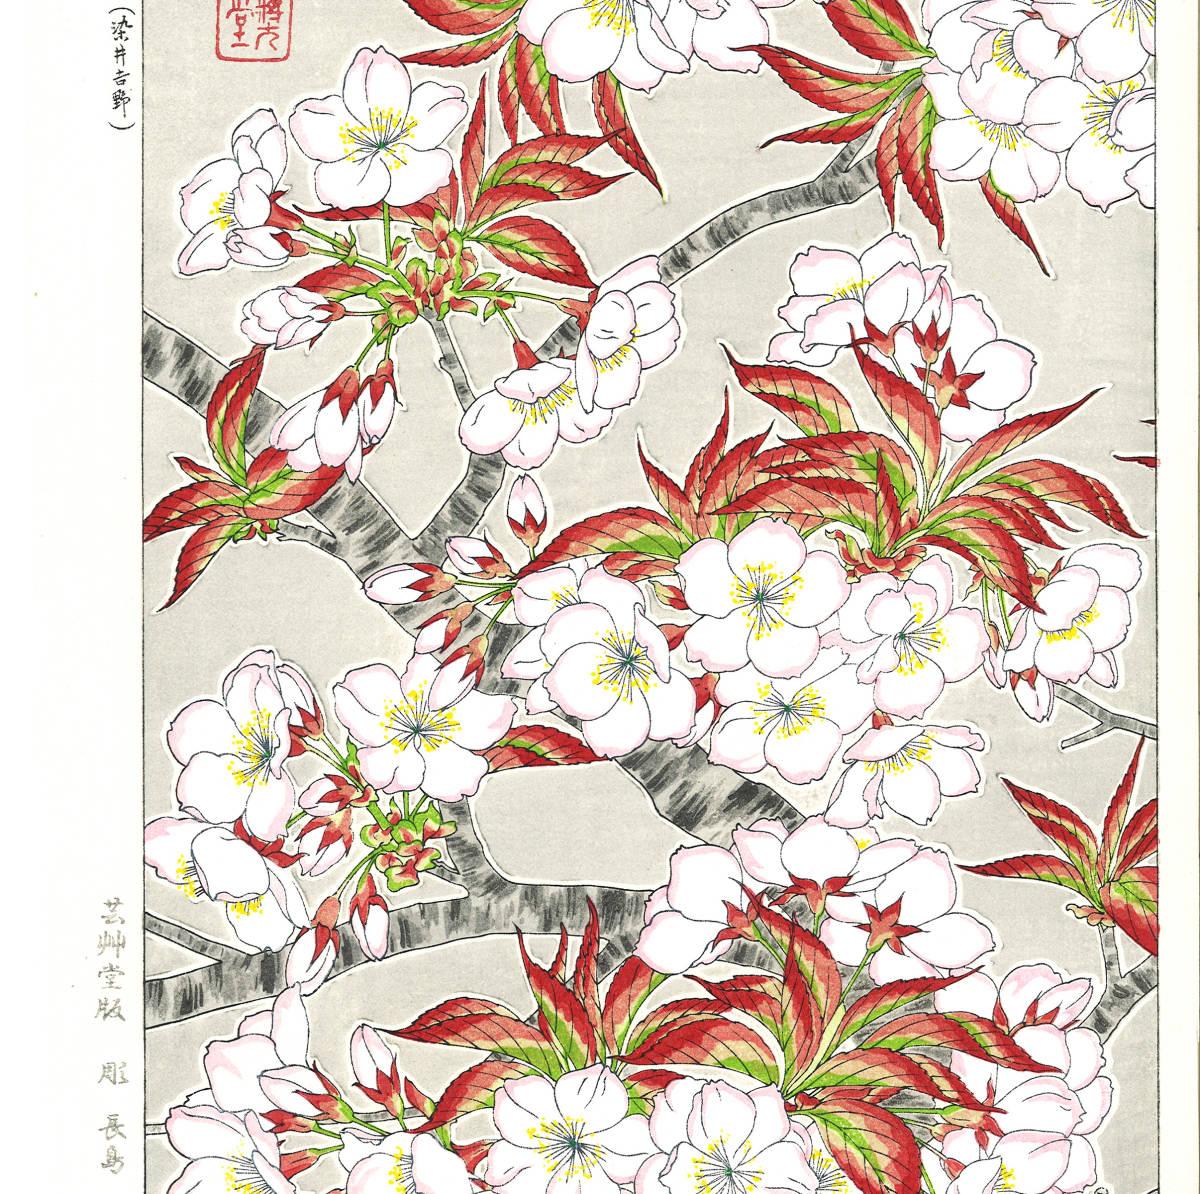 河原崎奨堂 (Kawarazaki Shodo) (1899~1973) 木版画 F020 桜 花版画 (cherry) 初版昭和初期~ 京都の一流の摺師の技をご堪能下さい。_画像4